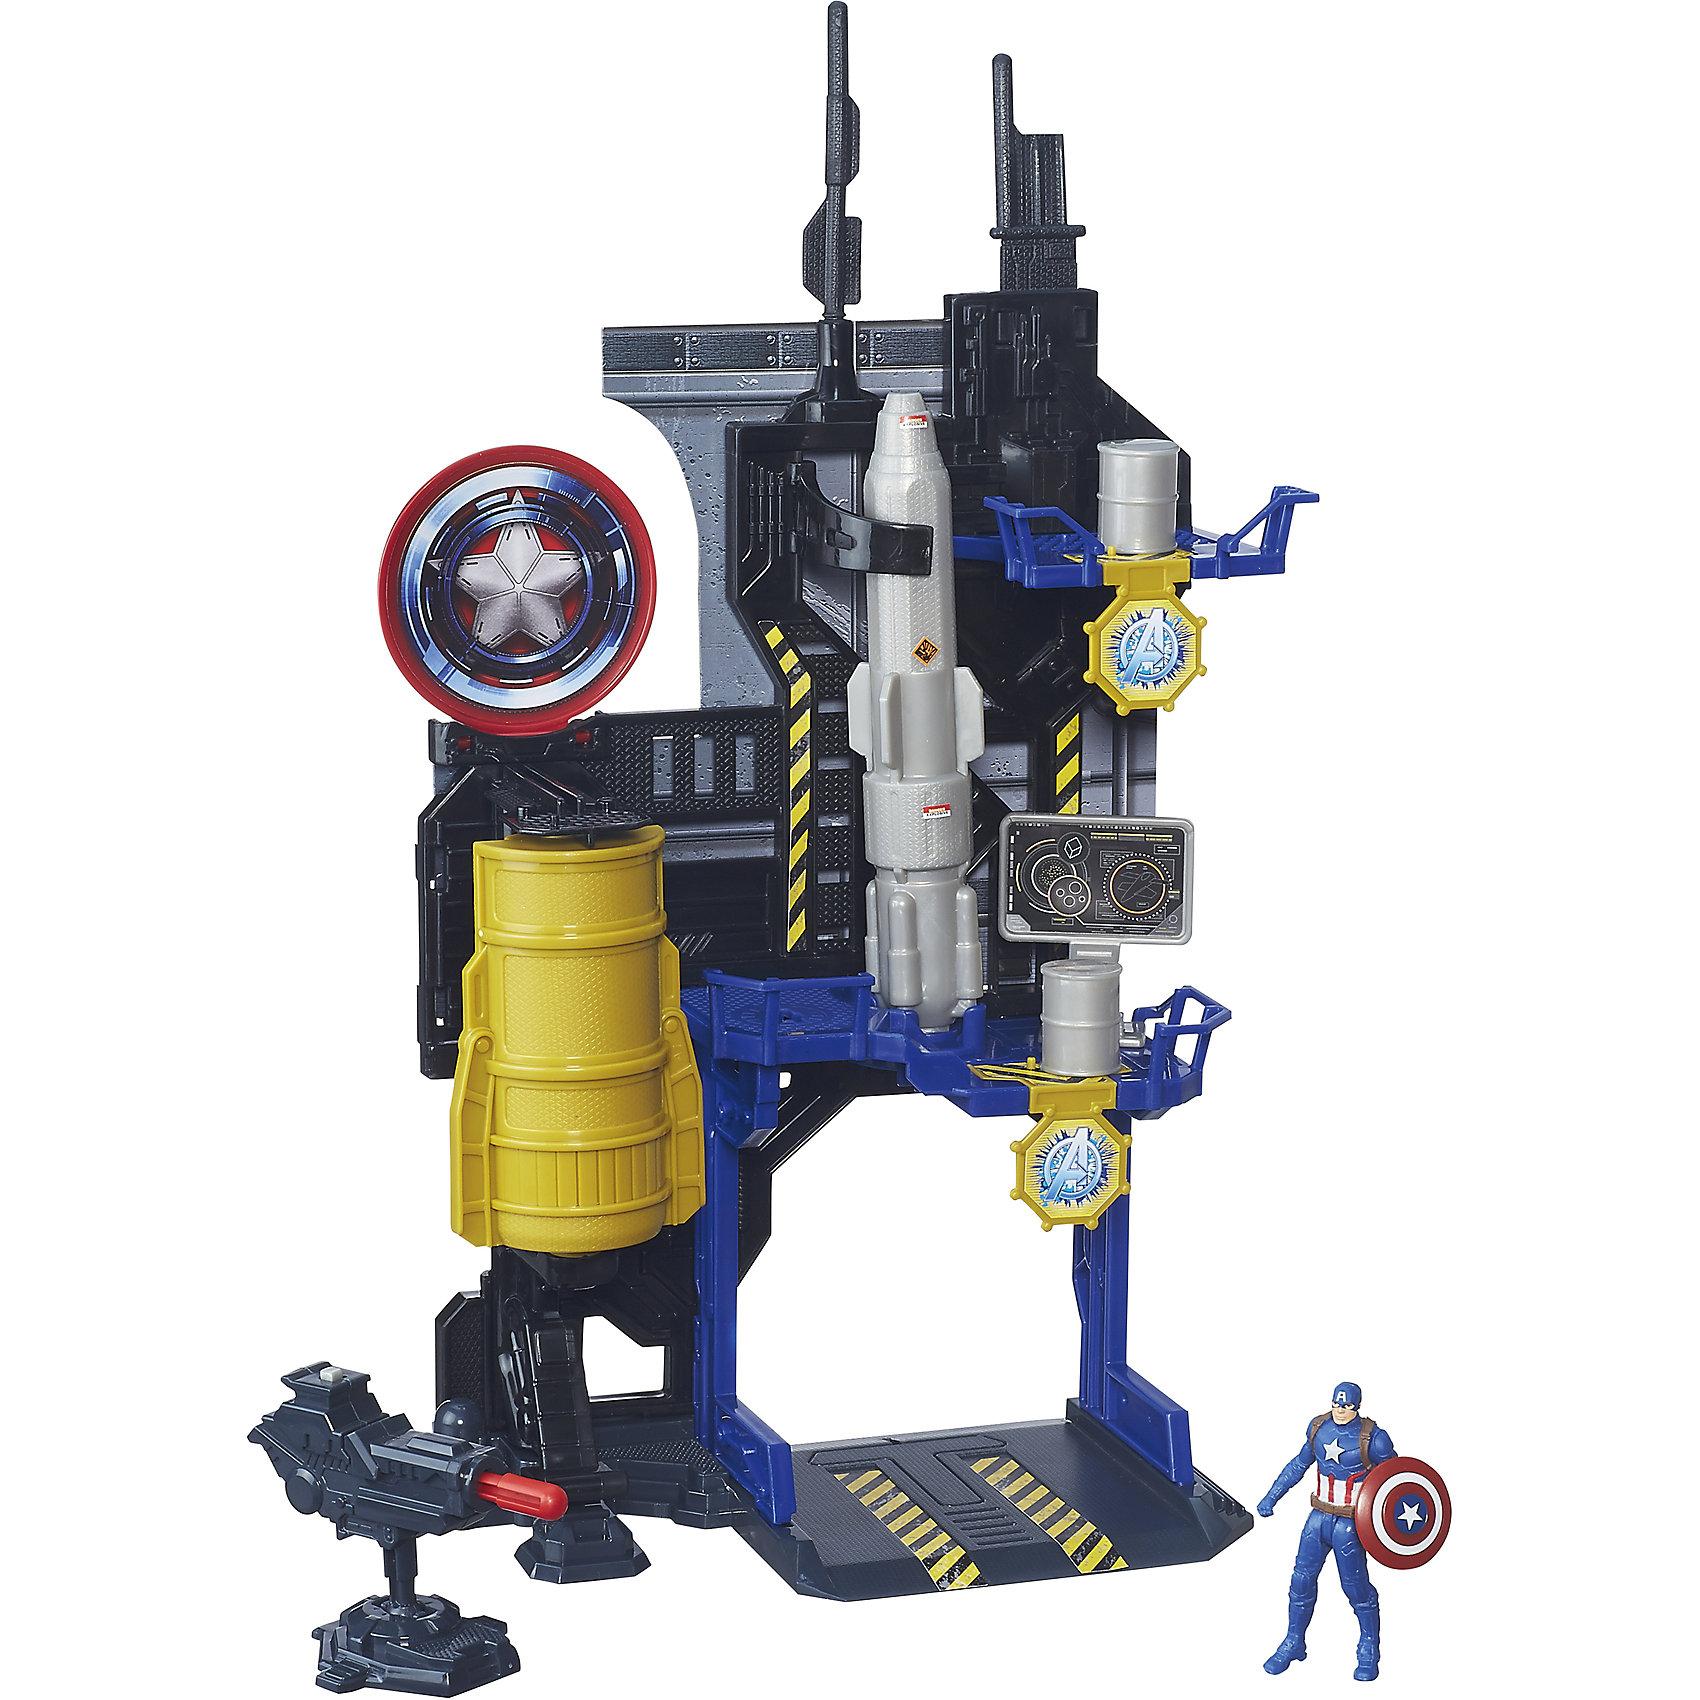 Игровая башня Мстителей, Капитан Америка, B5770/B6739Игрушки<br>Игровая башня Мстителей, B5770/B6739.<br><br>Характеристики:<br>- В наборе: фигурка Капитана Америки; оружие; башня<br>- Материал: пластик<br>- Размер упаковки: 22,9х6,4х30,5 см.<br>- Вес в упаковке: 500 г.<br><br>Башня Мстителей – это отличный набор для поклонников вселенной Marvel, созданный по мотивам фильма Капитан Америка 3: Гражданская война. По сюжету противостояние правительства и людей со сверхспособностями дает начало великой битве за свободу существования последних. Одну из воюющих сторон представляет Капитан Америка, защищающий права супергероев. Многоэтажная башня оснащена стреляющей пушкой и пусковыми механизмами для обстрела врагов бочками. Фигурку Капитана Америки можно спрятать в специальном отсеке. Игровой набор позволит вашему ребенку воспроизвести сцену сражения или придумать собственный сюжет. Башню ребенку предстоит собрать самому - с небольшой помощью взрослых. Элементы наборов Игровая башня Мстителей сочетаются между собой, собрав их все, можно создать большую штаб-квартиру Мстителей. Ваш ребенок весело проведет время, играя с набором дома, на детской площадке или в песочнице. А процесс сборки поможет малышу развить мелкую моторику, внимательность и усидчивость. Порадуйте своего малыша таким замечательным подарком!<br><br>Набор Игровая башня Мстителей, B5770/B6739 можно купить в нашем интернет-магазине.<br><br>Ширина мм: 64<br>Глубина мм: 229<br>Высота мм: 1450<br>Вес г: 580<br>Возраст от месяцев: 48<br>Возраст до месяцев: 144<br>Пол: Мужской<br>Возраст: Детский<br>SKU: 5064719